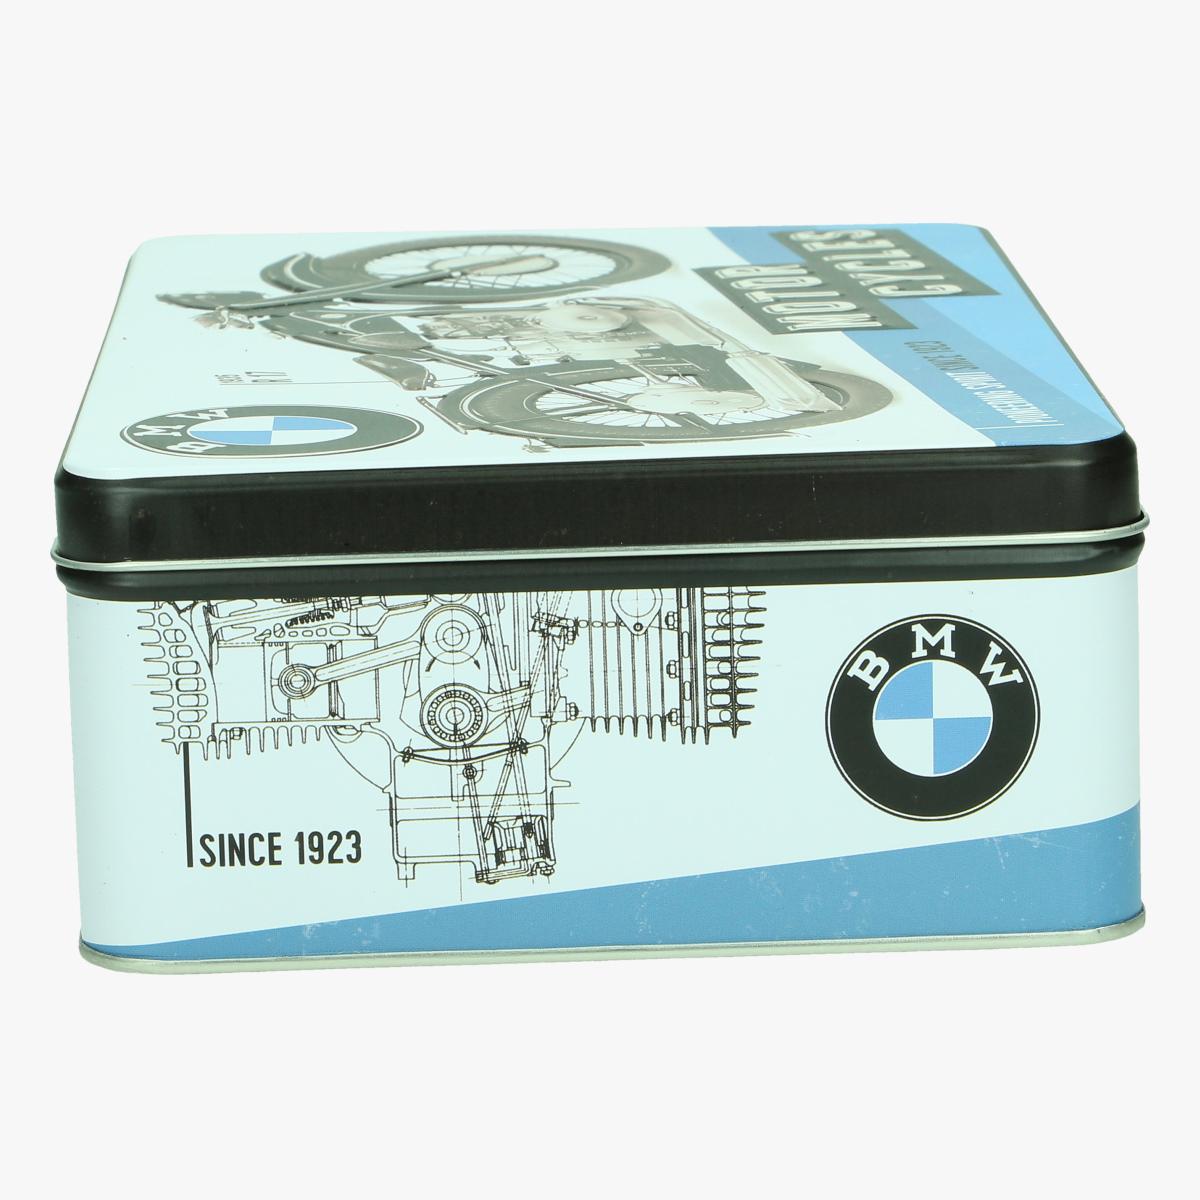 Afbeeldingen van blikken doos BMW moto cycles repro